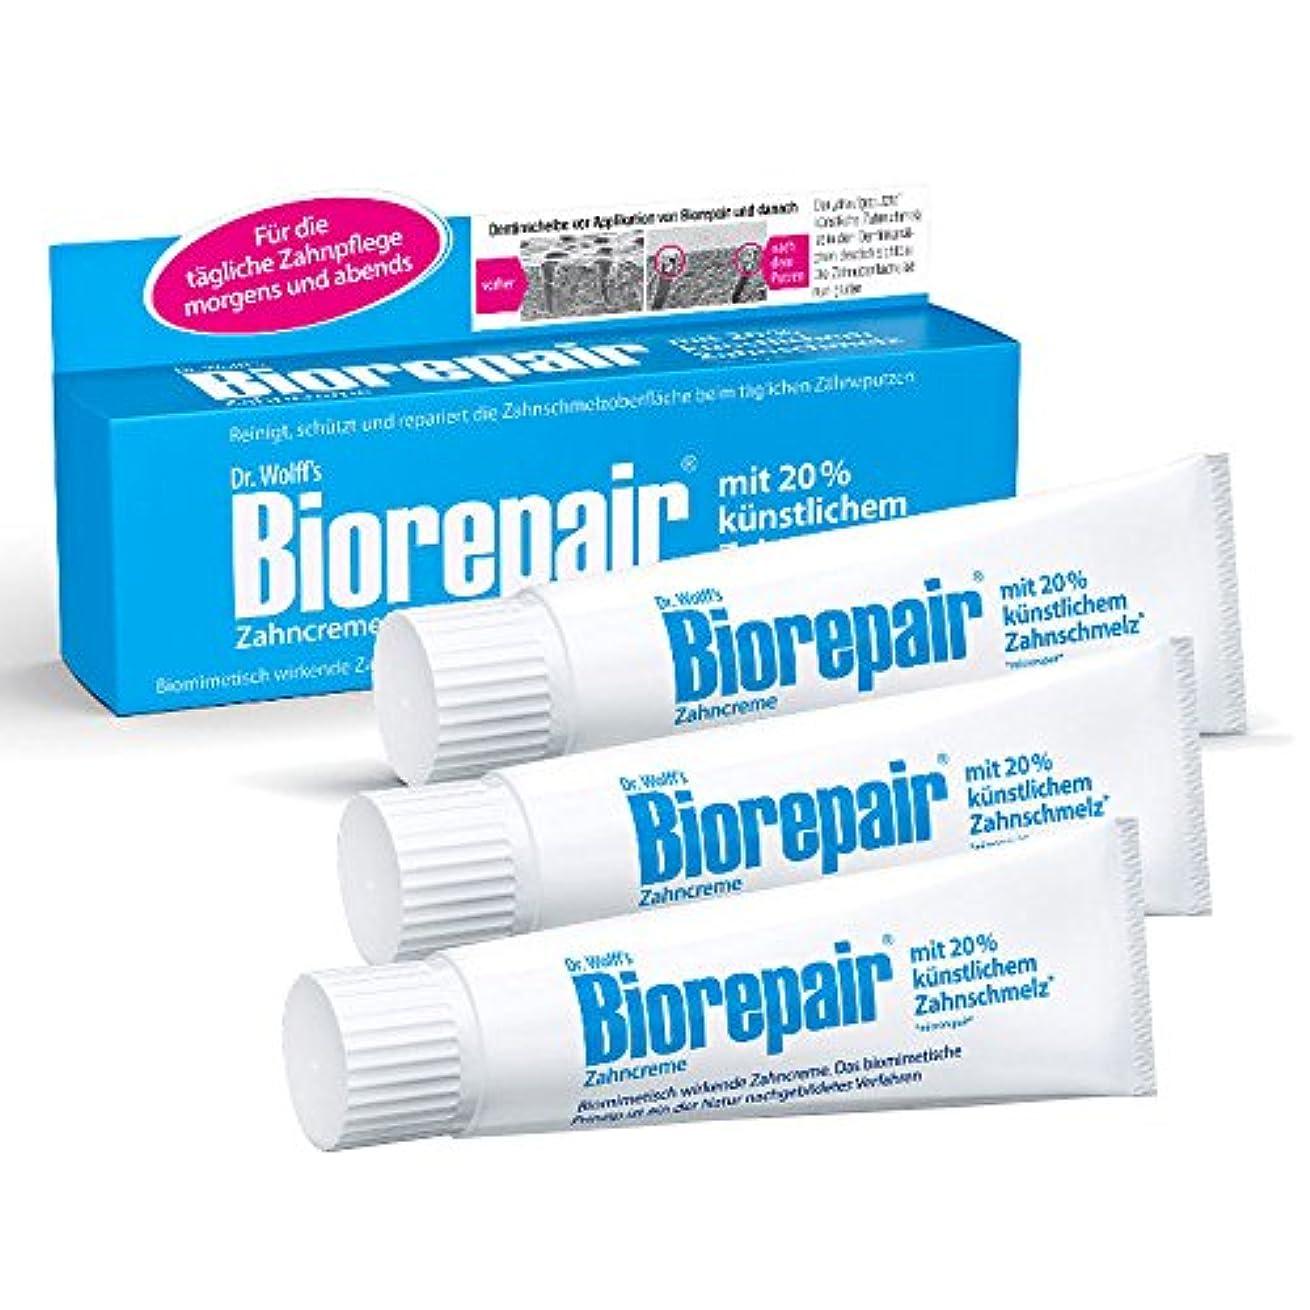 外部食物克服するBiorepair 歯磨き粉オリジナル、75ml 歯の保護 耐摩耗性 x 3 [並行輸入品]